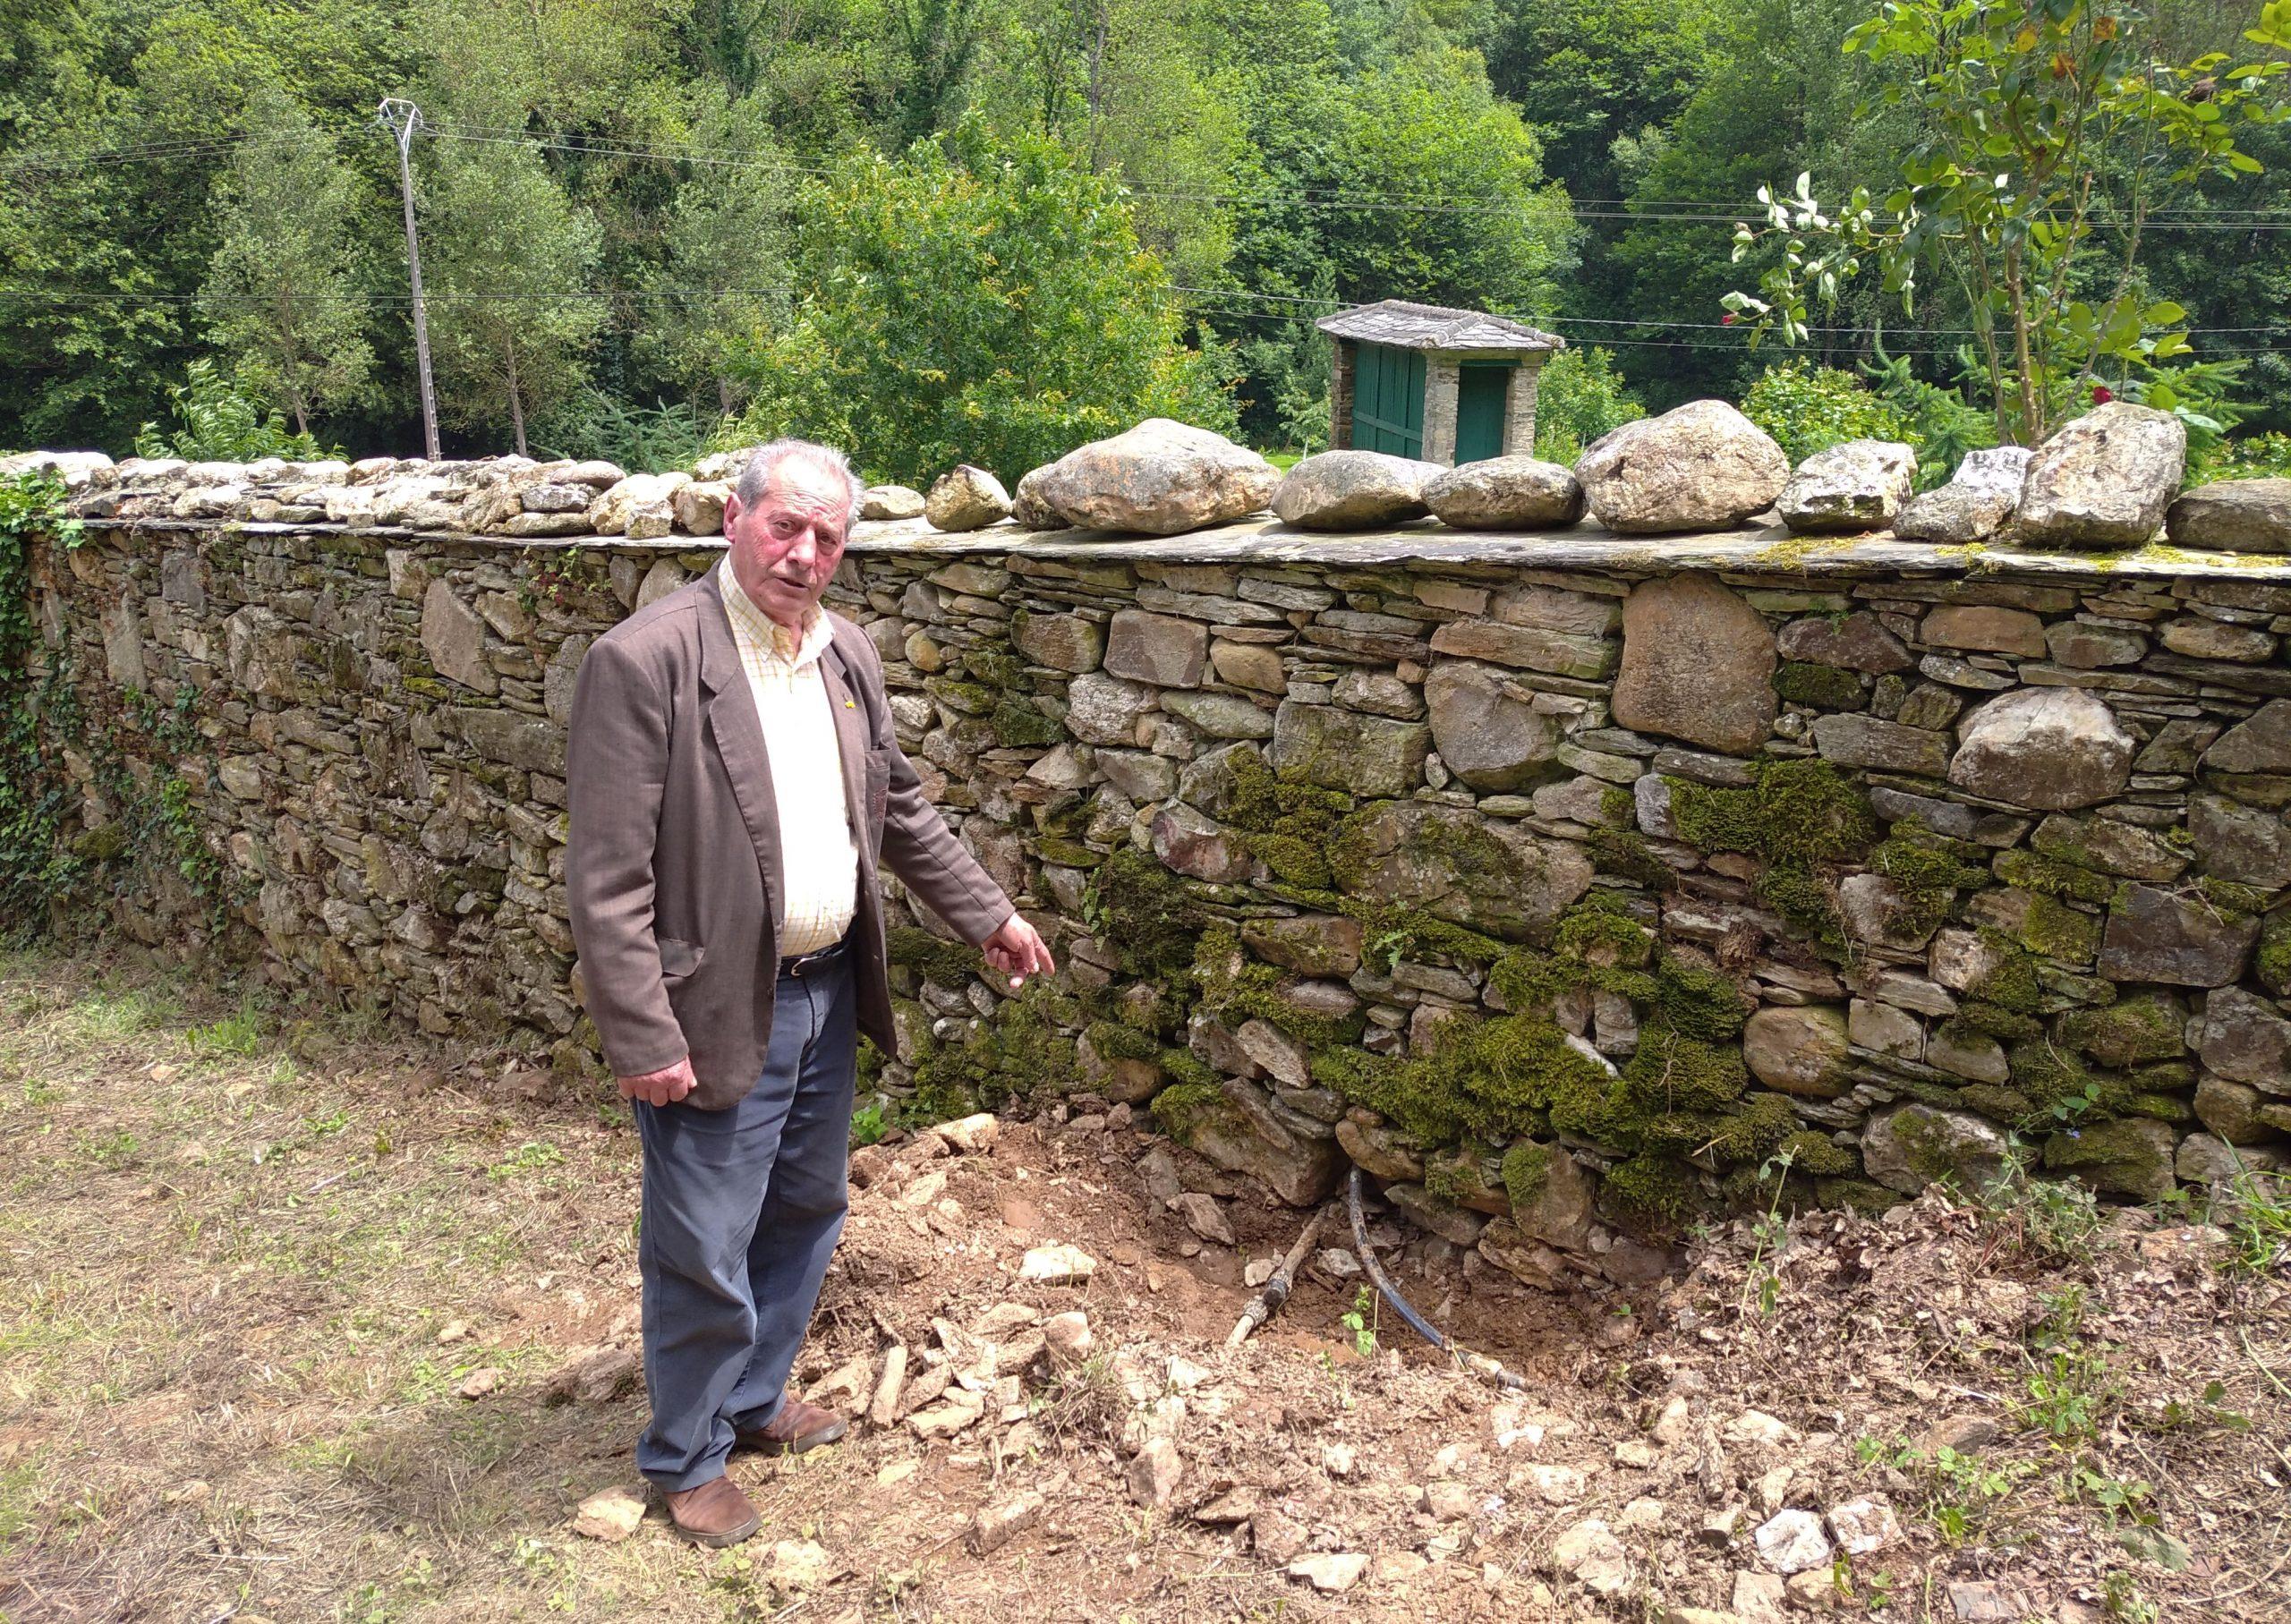 O voceiro socialista de Riotorto, José García, denuncia a persecución do Alcalde co corte da auga na súa vivenda particular